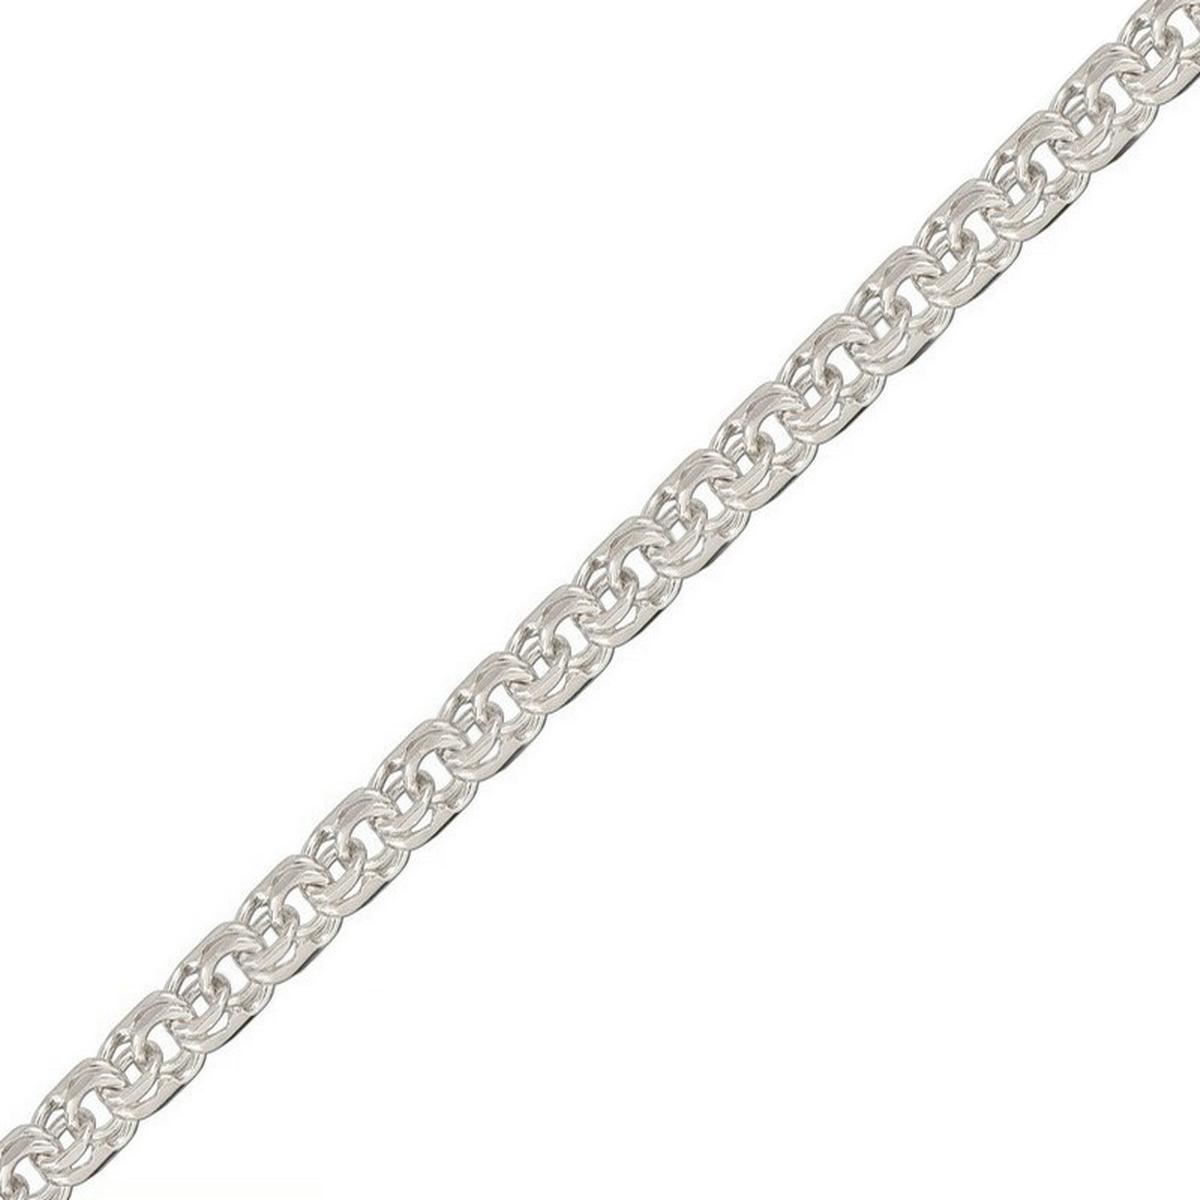 Цепочка Диамида, серебро 925, 60, БМР060СереброСеребрянная цепочка 925 пробы, покрытие: Родирование